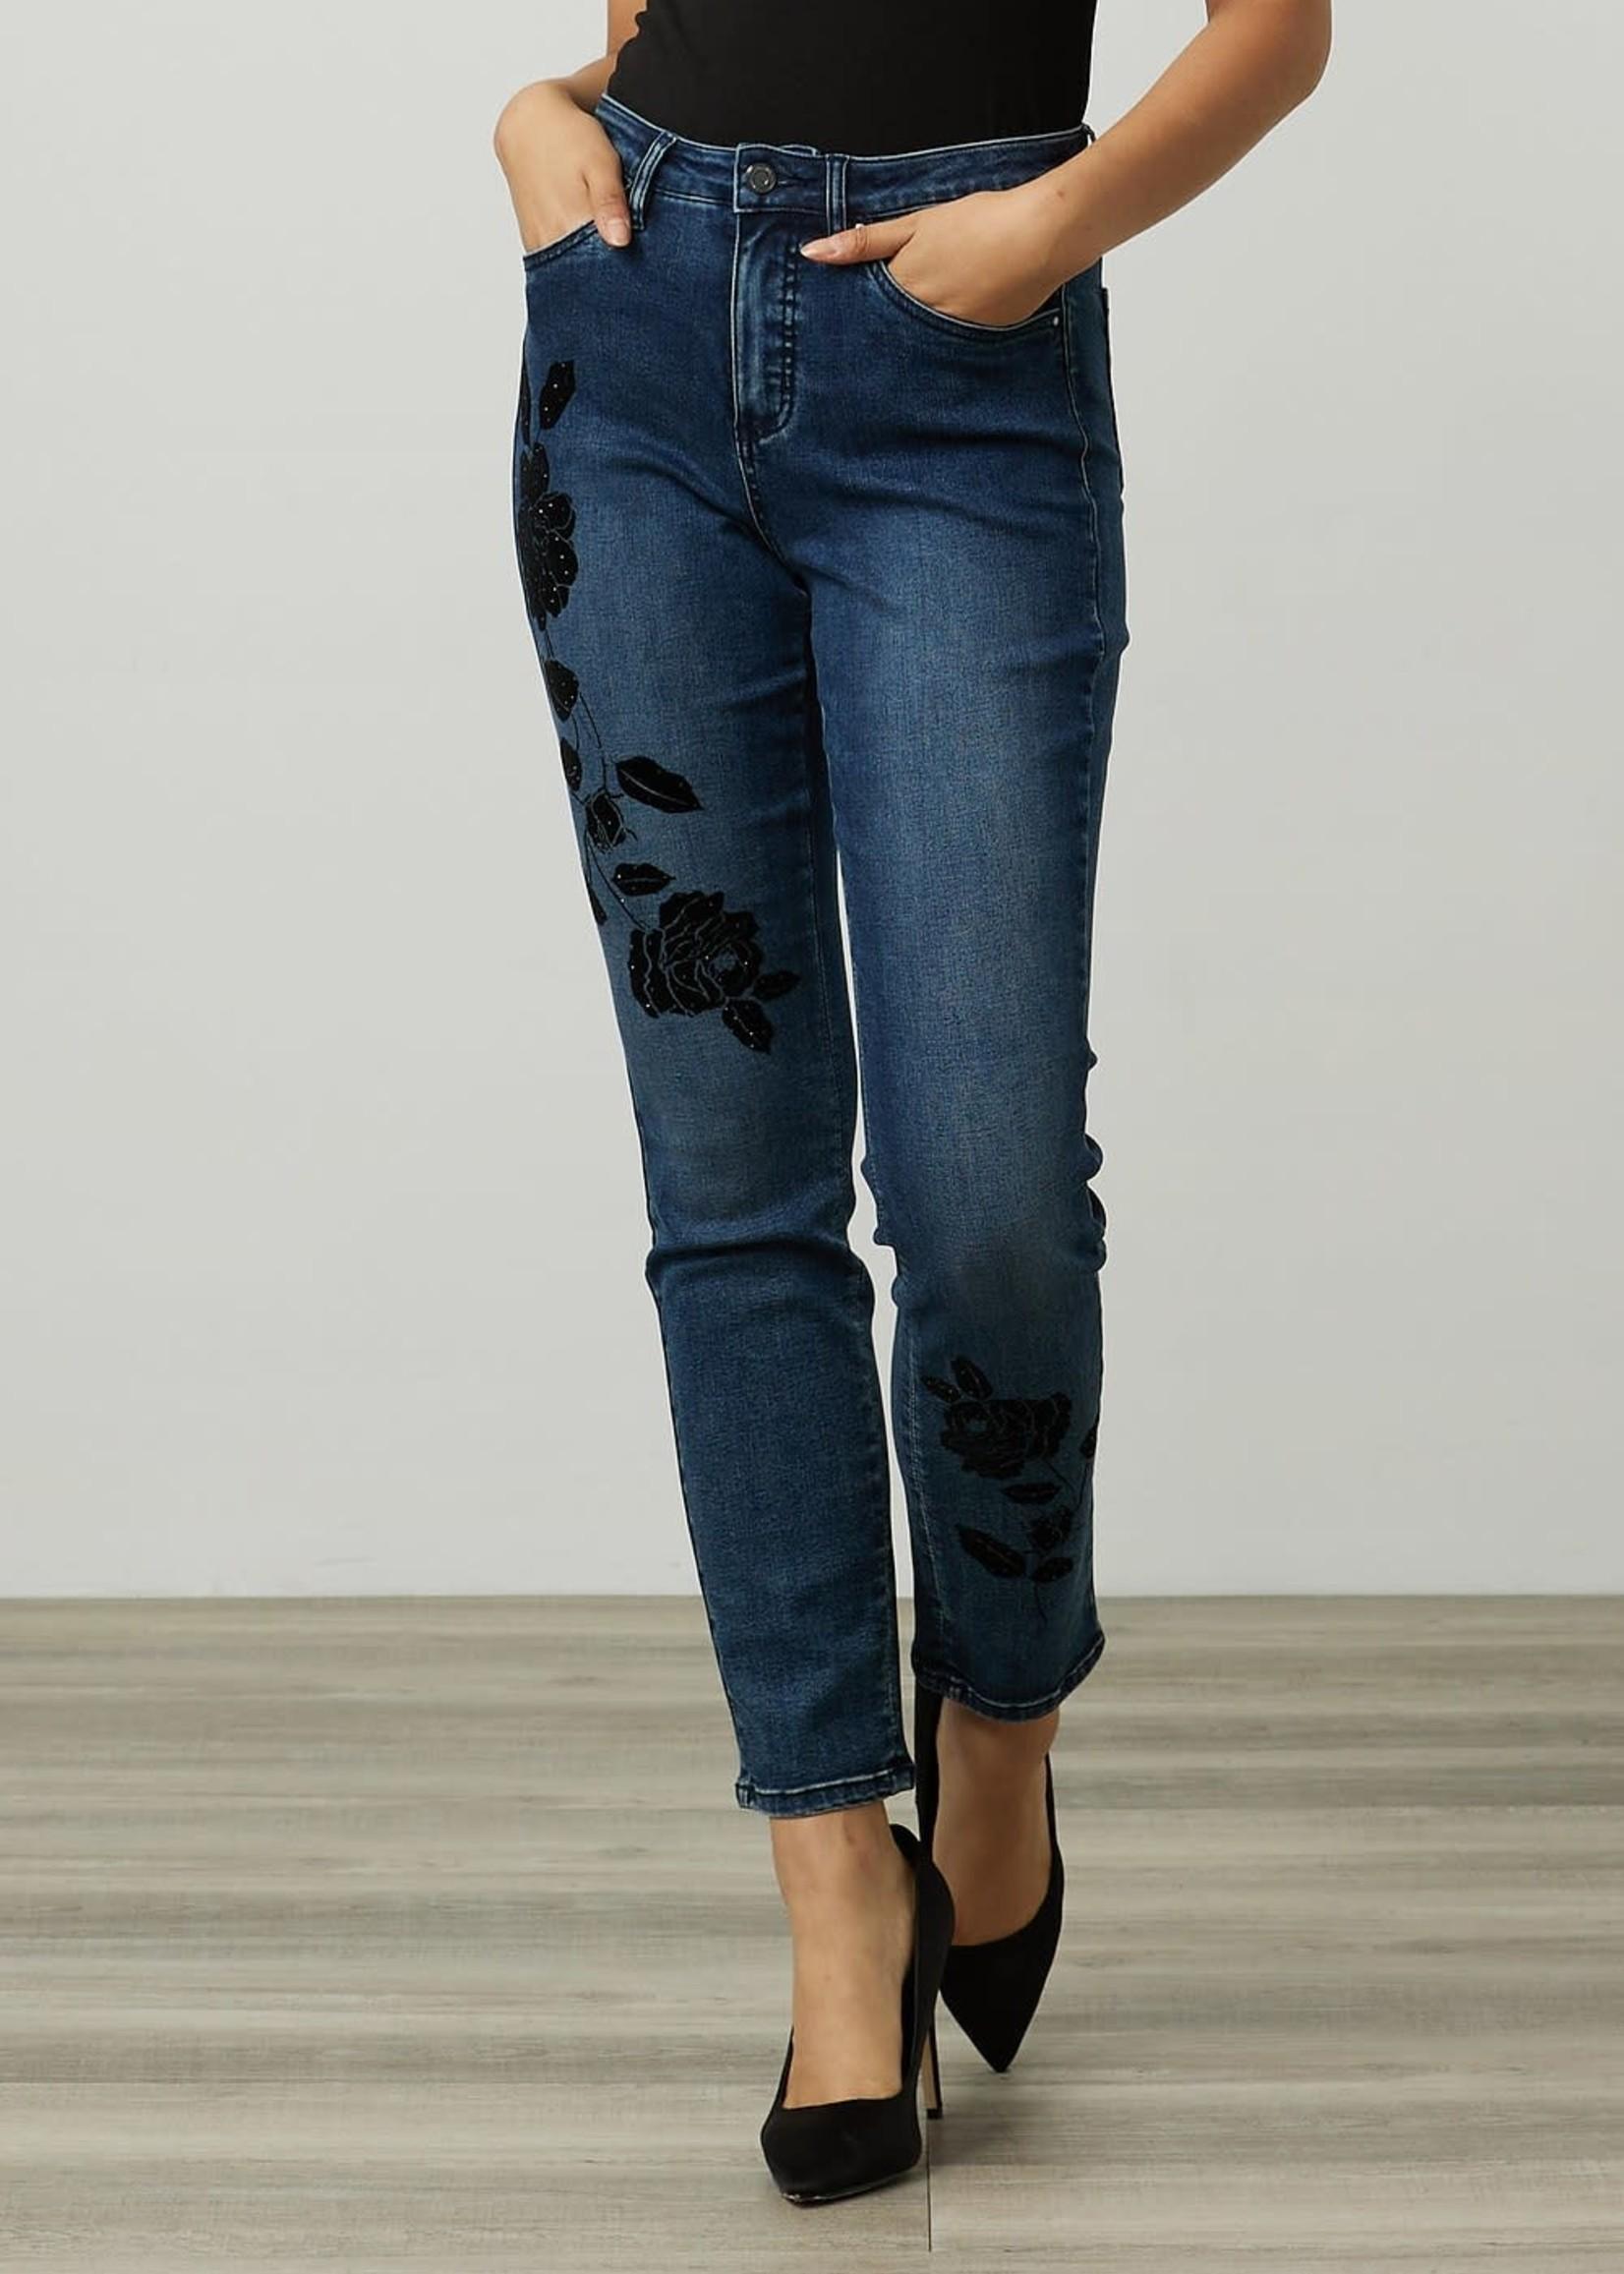 Joseph Ribkoff Joseph Ribkoff Beaded Rose Motif Jeans